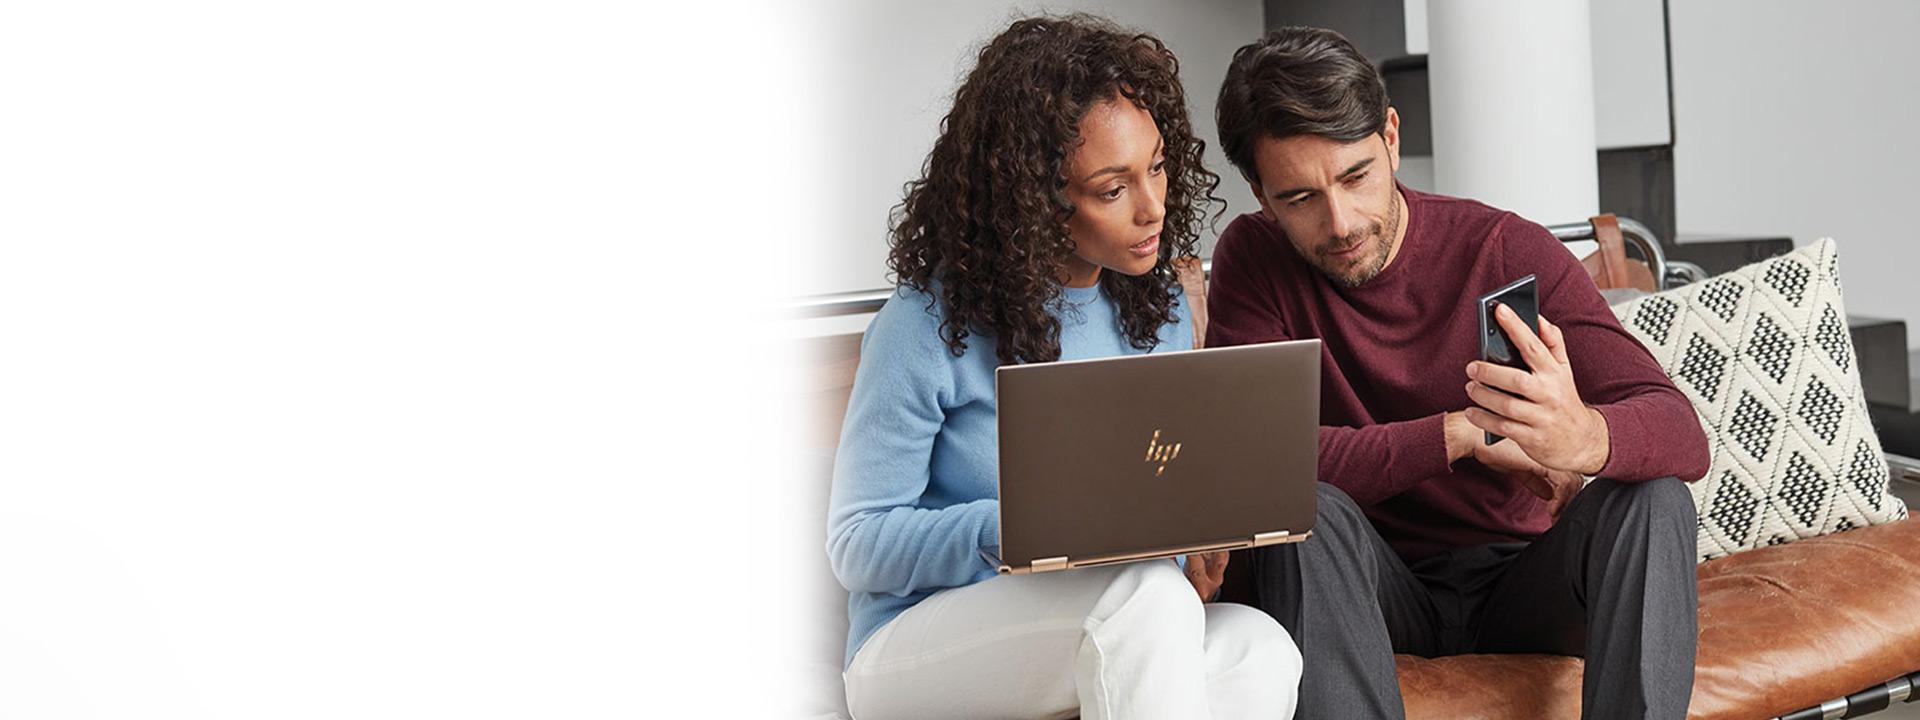 Kobieta i mężczyzna siedzący na kanapie patrzą razem na laptopa i urządzenie mobilne z systemem Windows 10